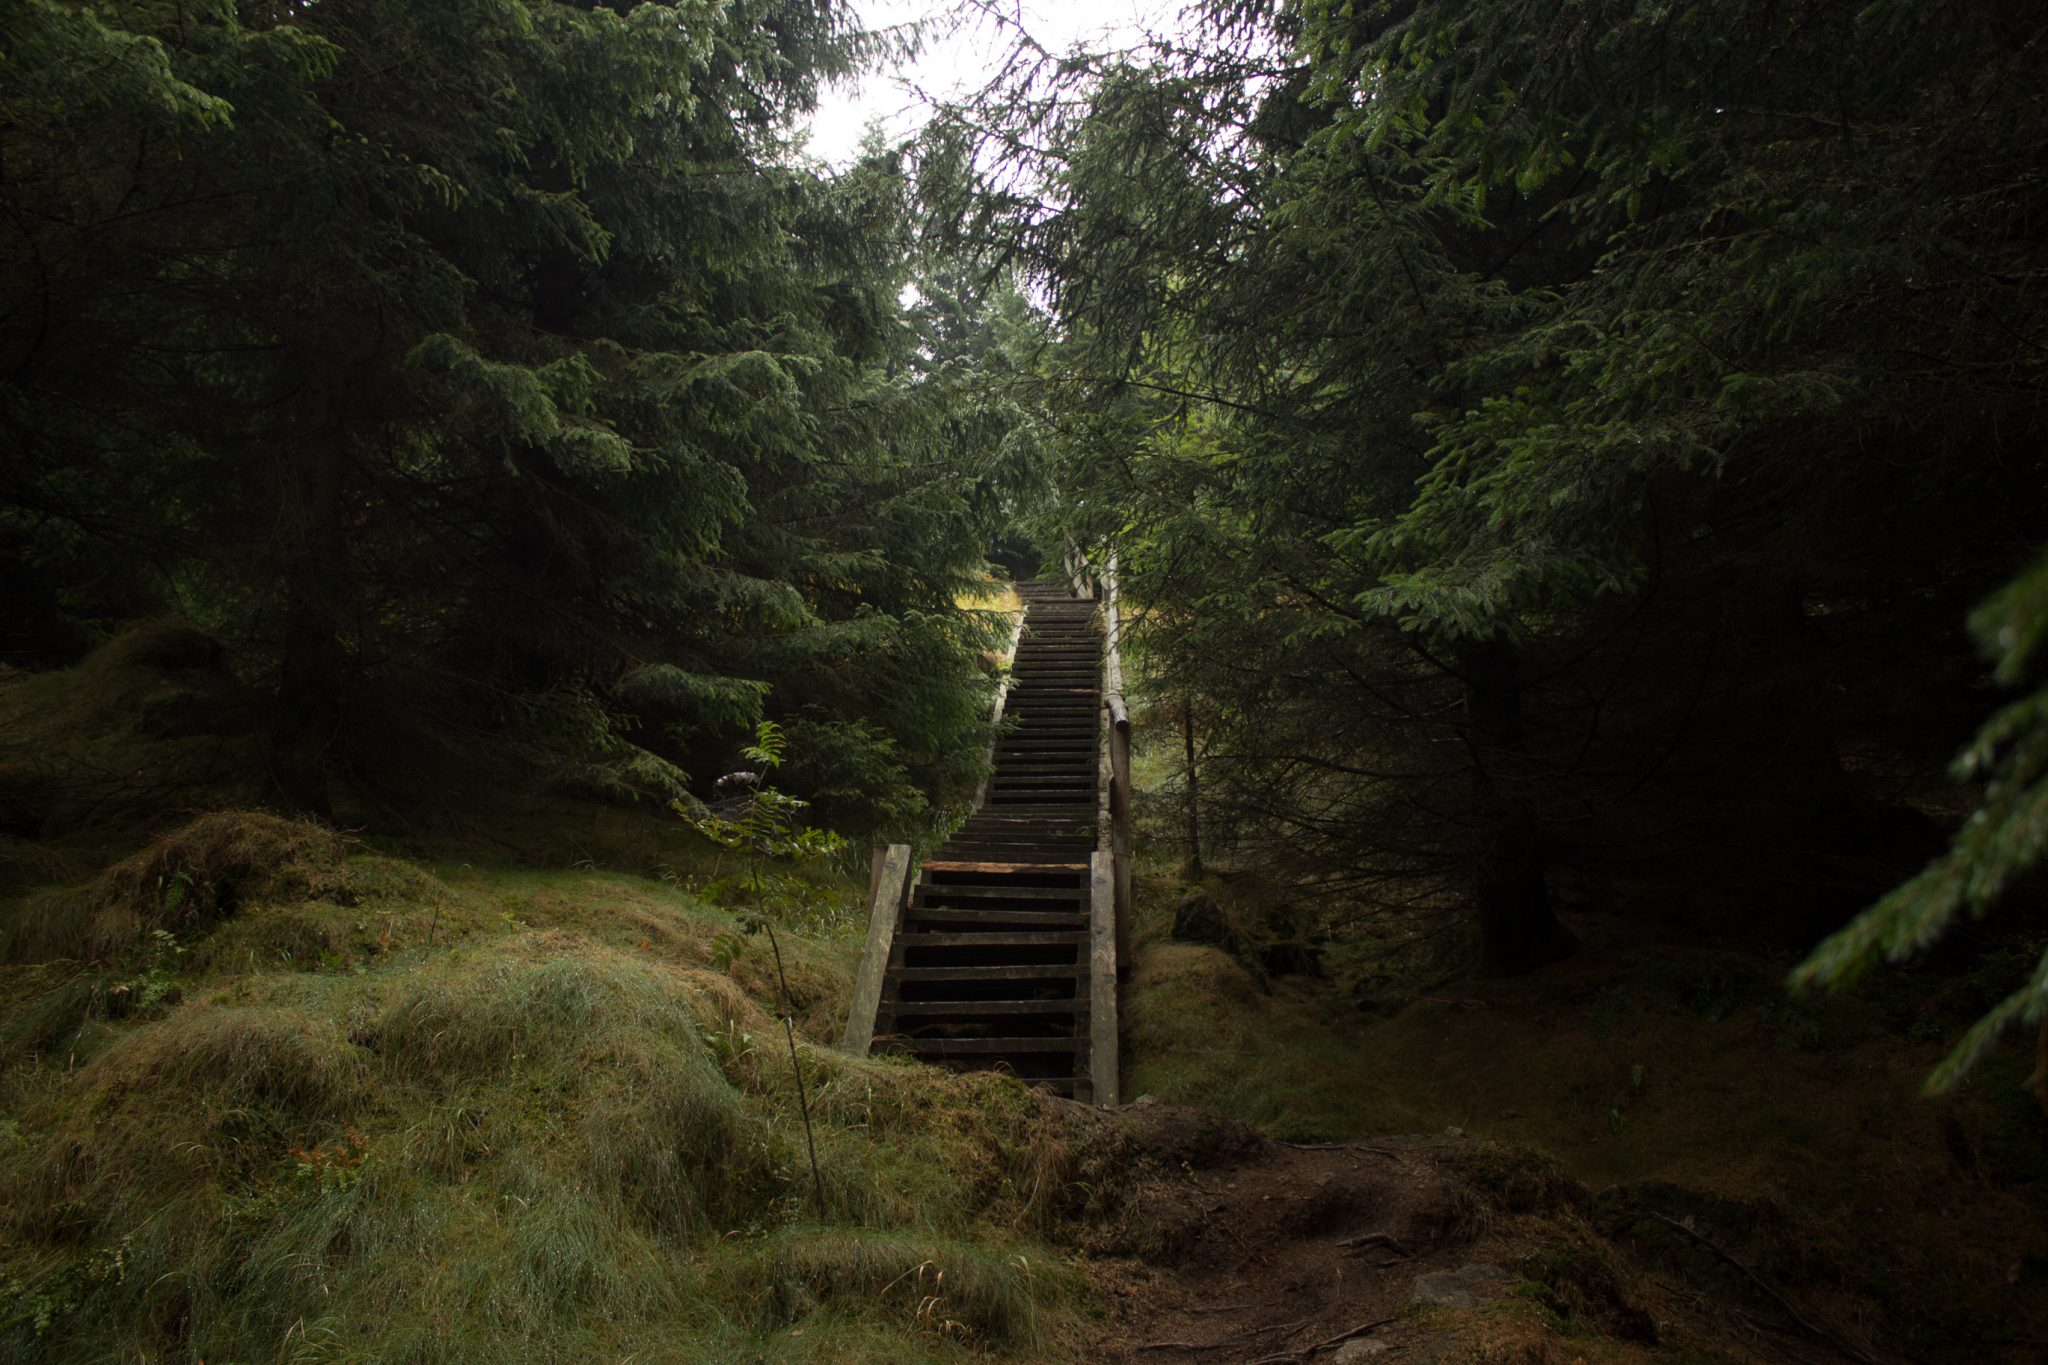 Wanderung Brocken über Heinrich-Heine-Weg Start in Ilsenburg, Nationalpark Harz, schmaler schöner Pfad zum Scharfenstein durch dichten Wald, Holztreppe, Aufstieg zum Scharfenstein